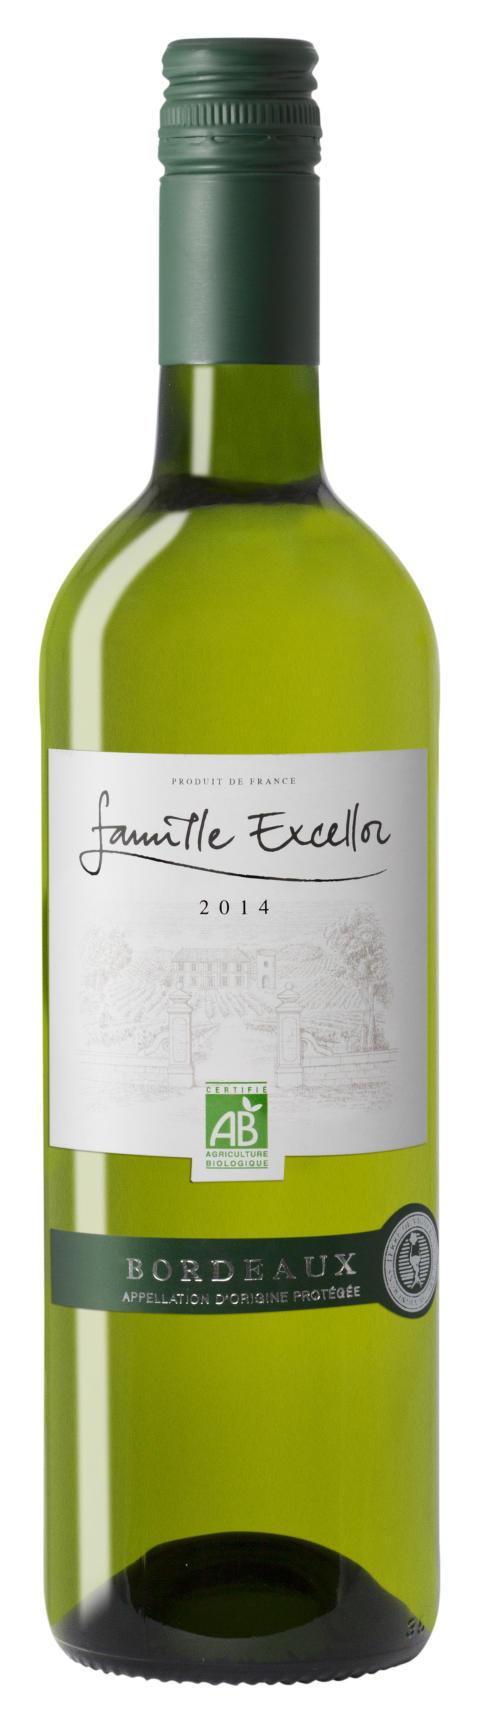 Ny ekologisk vit Bordeaux lanseras på Systembolaget den 1 september!